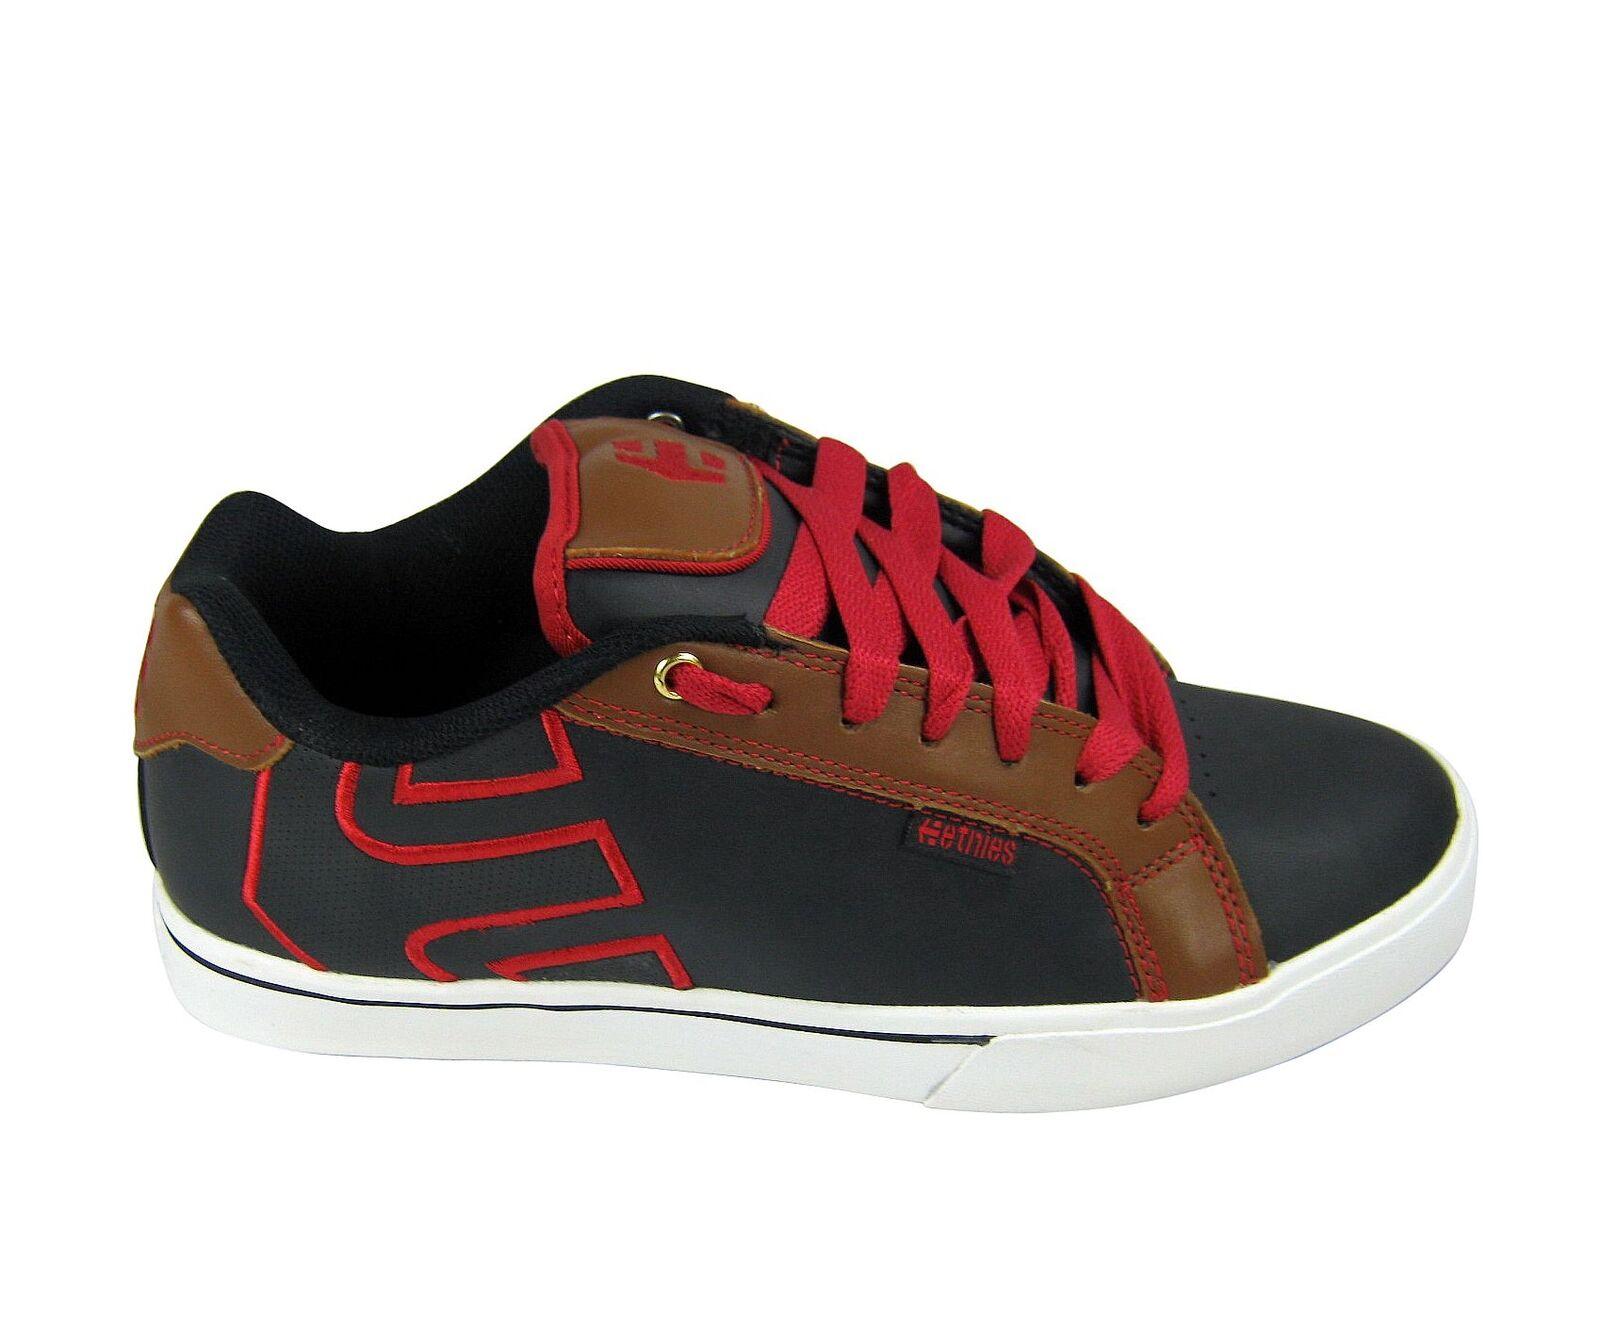 Etnies Fader 1.5 LX black/brown Schuhe/Sneaker schwarz/braun